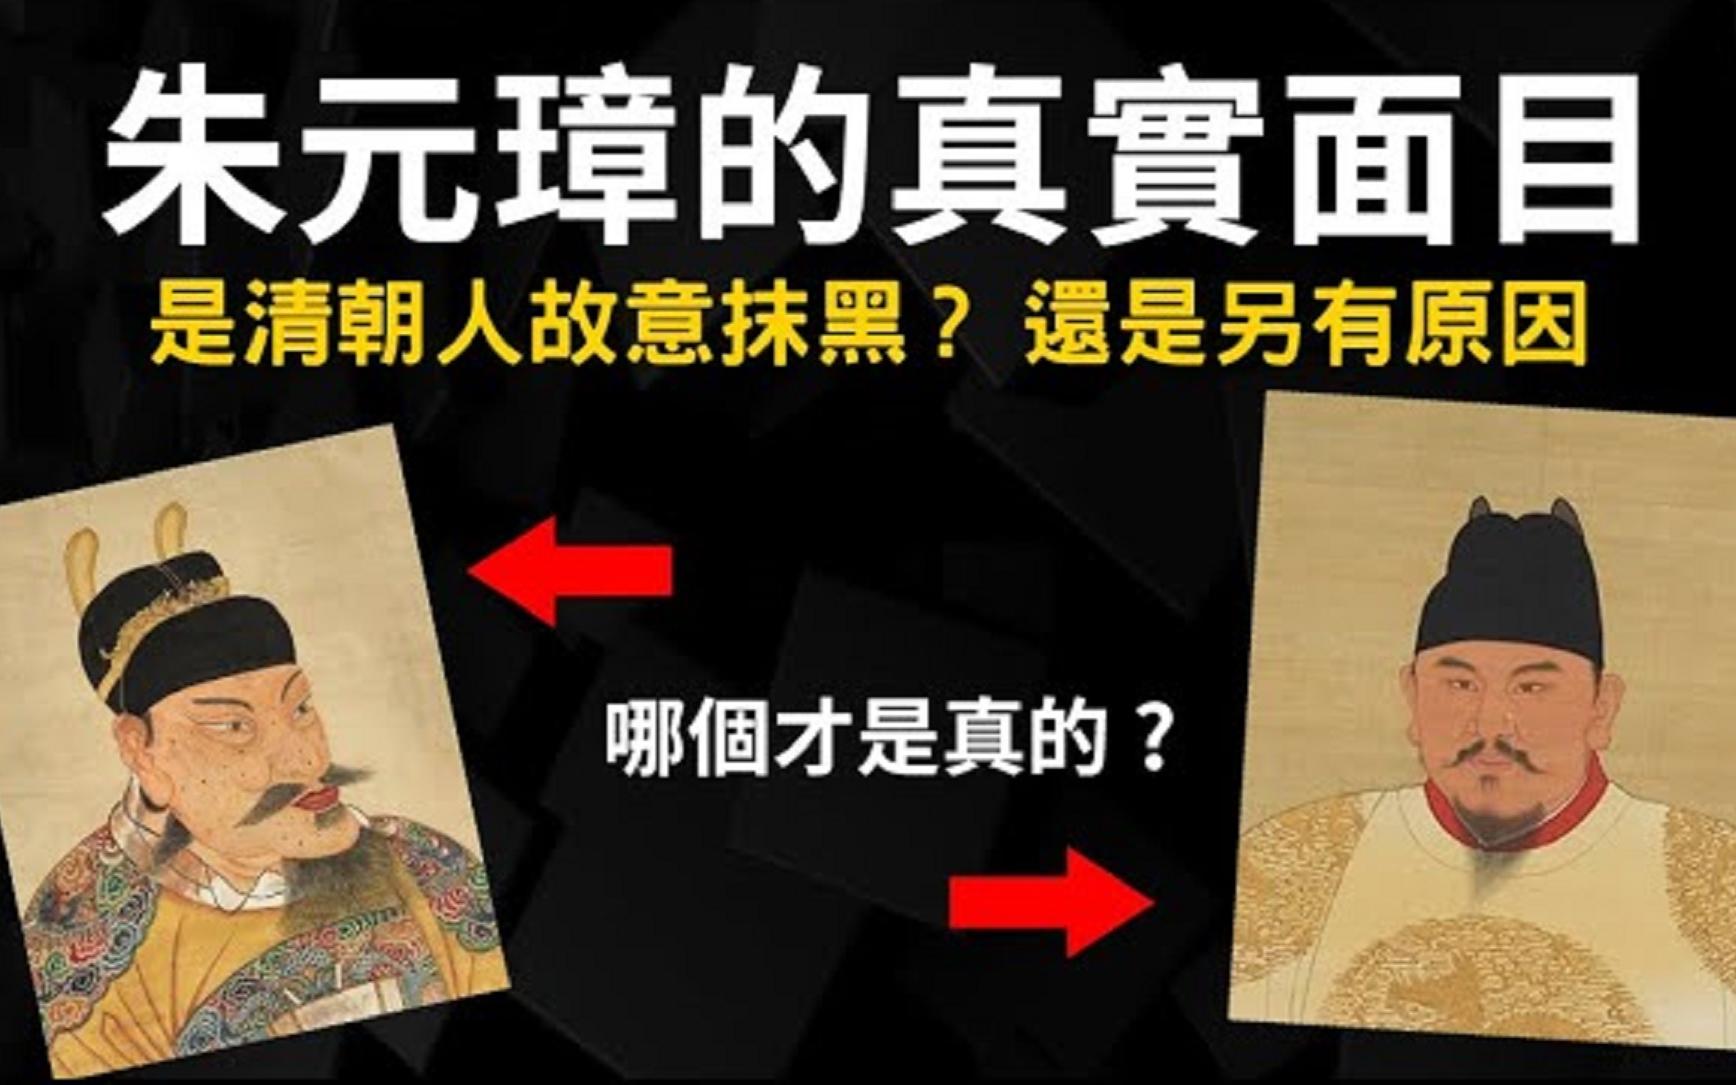 朱元璋相貌到底是怎样?官方英俊民间丑陋完全不一样